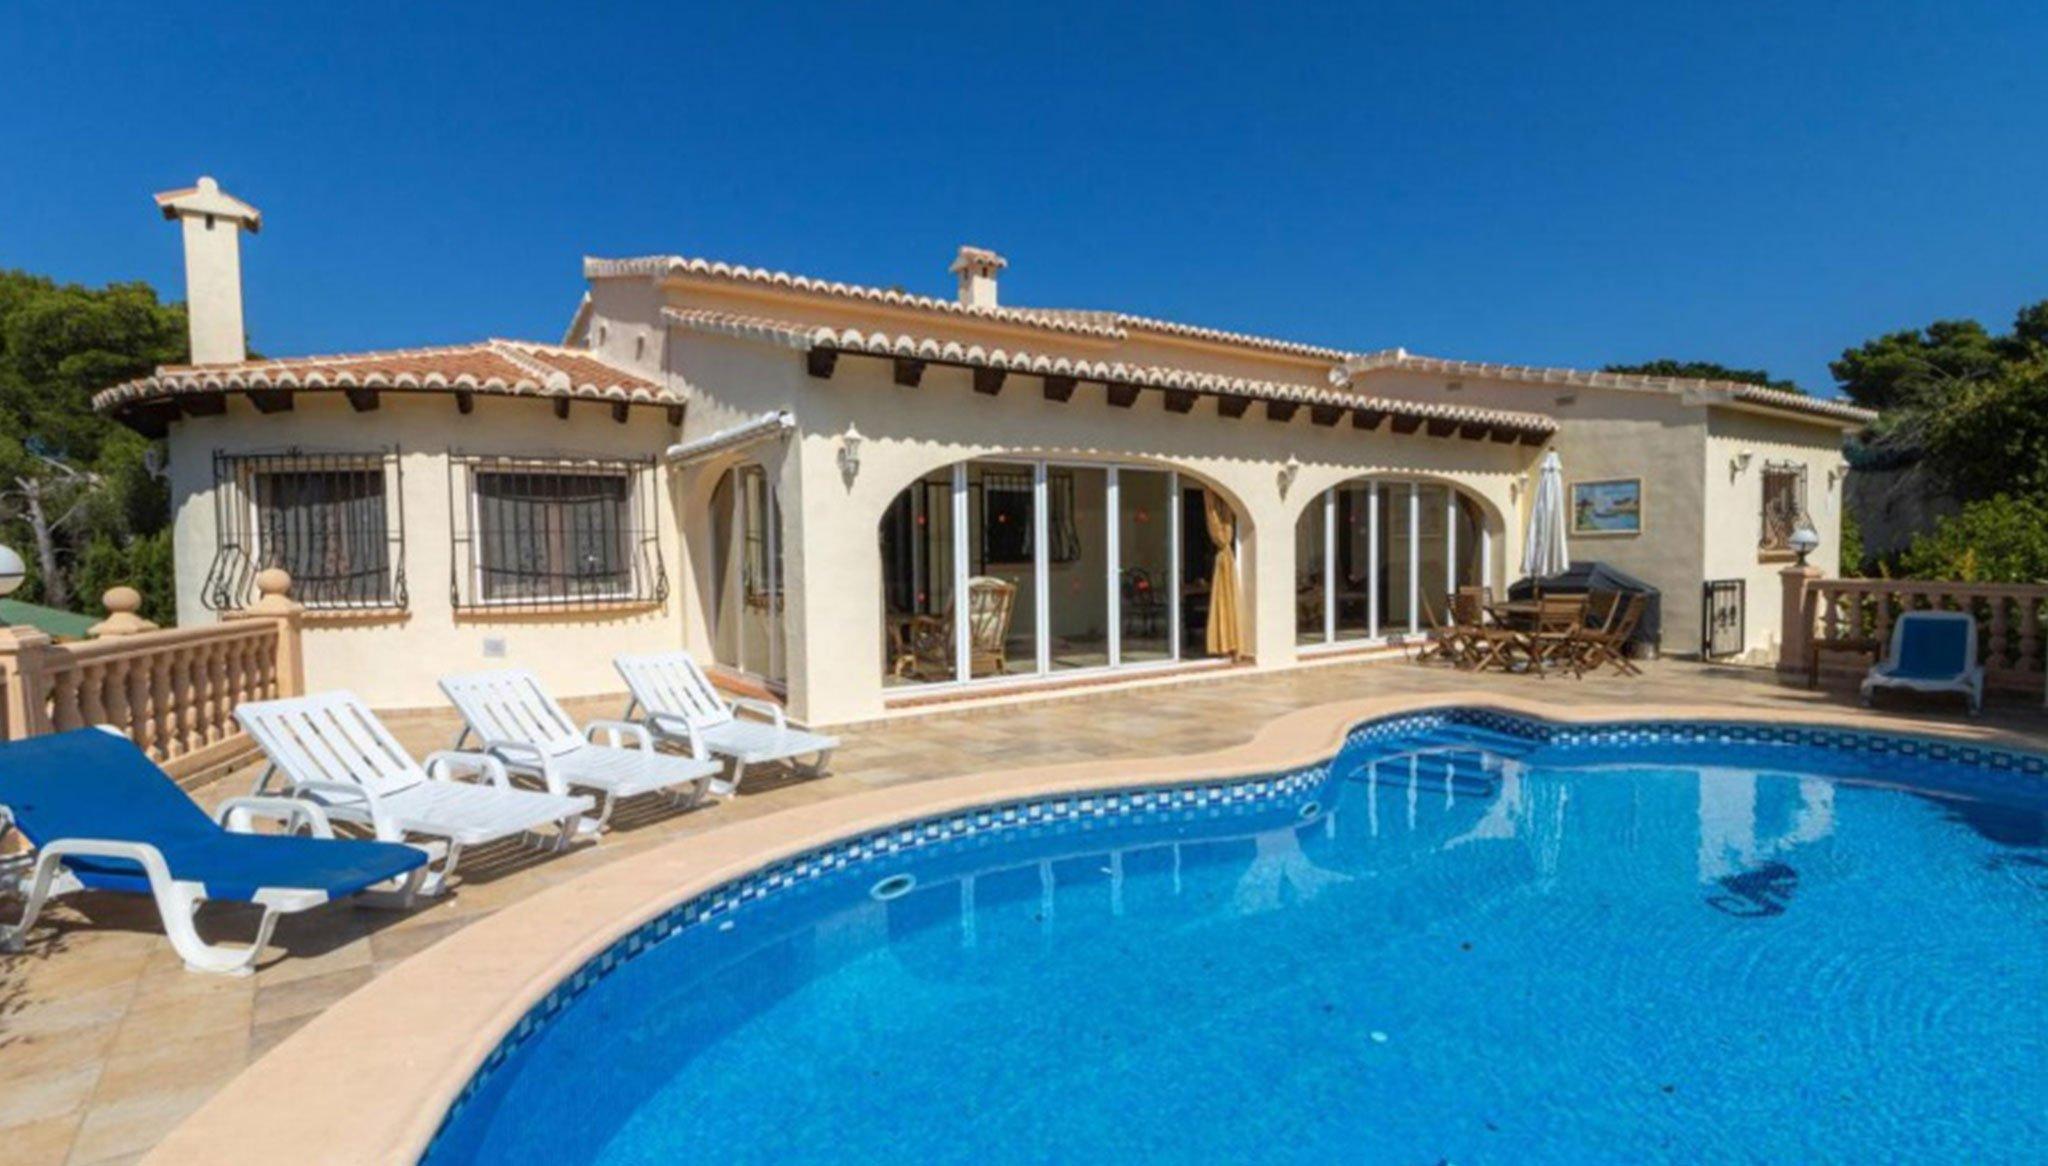 Villa en venta en Jávea en la zona de La Cala – Vicens Ash Properties